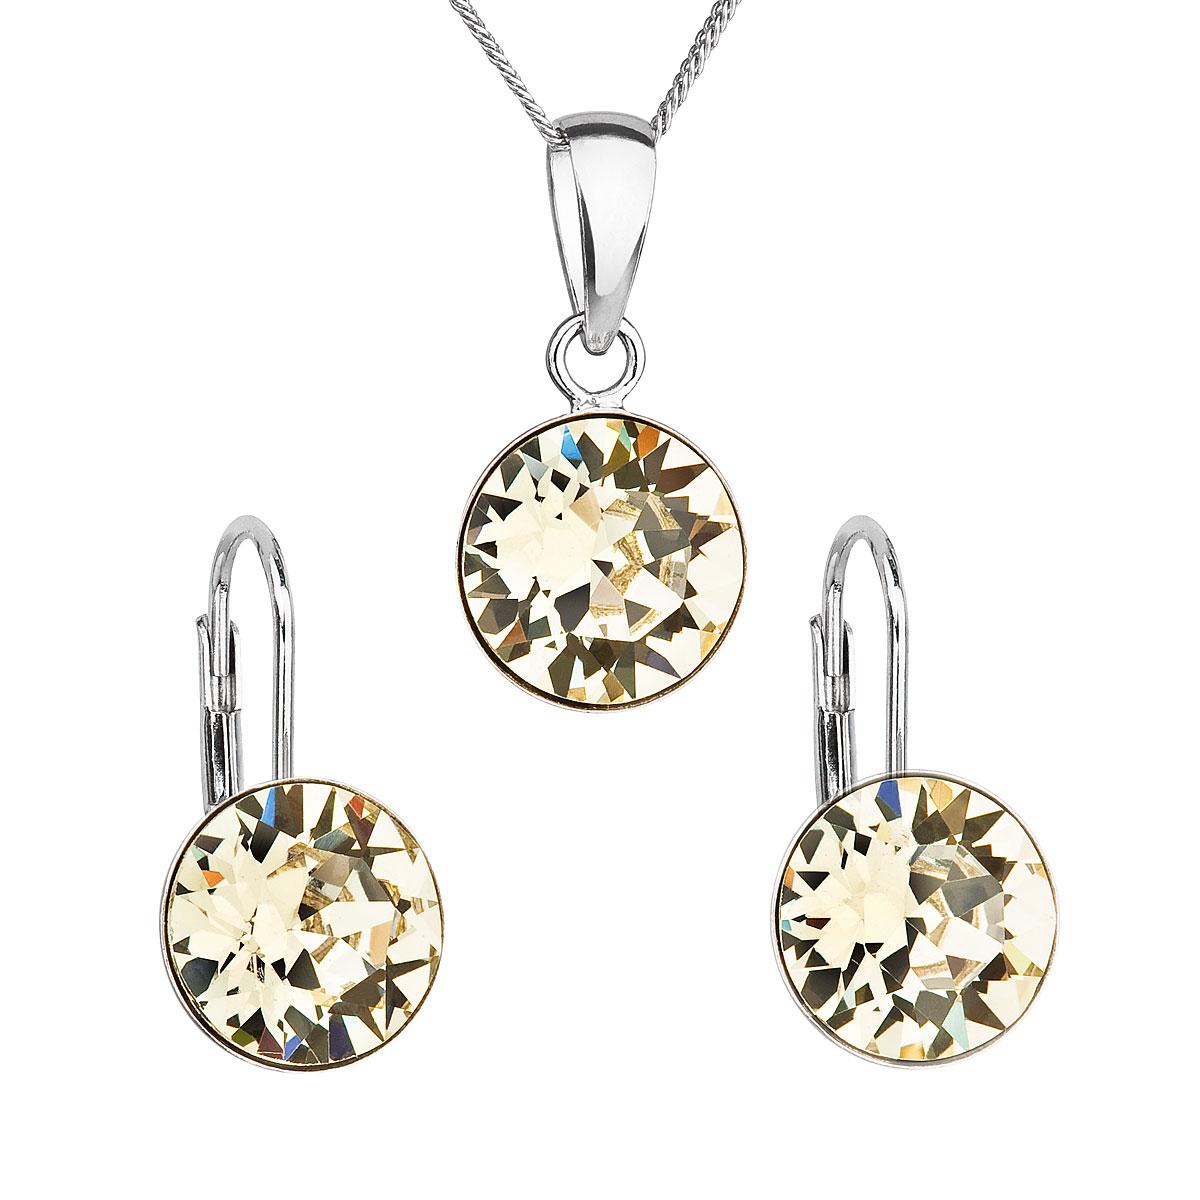 Sada šperkov s krištáľmi Swarovski náušnice, retiazka a prívesok žlté okrúhle 39140.3